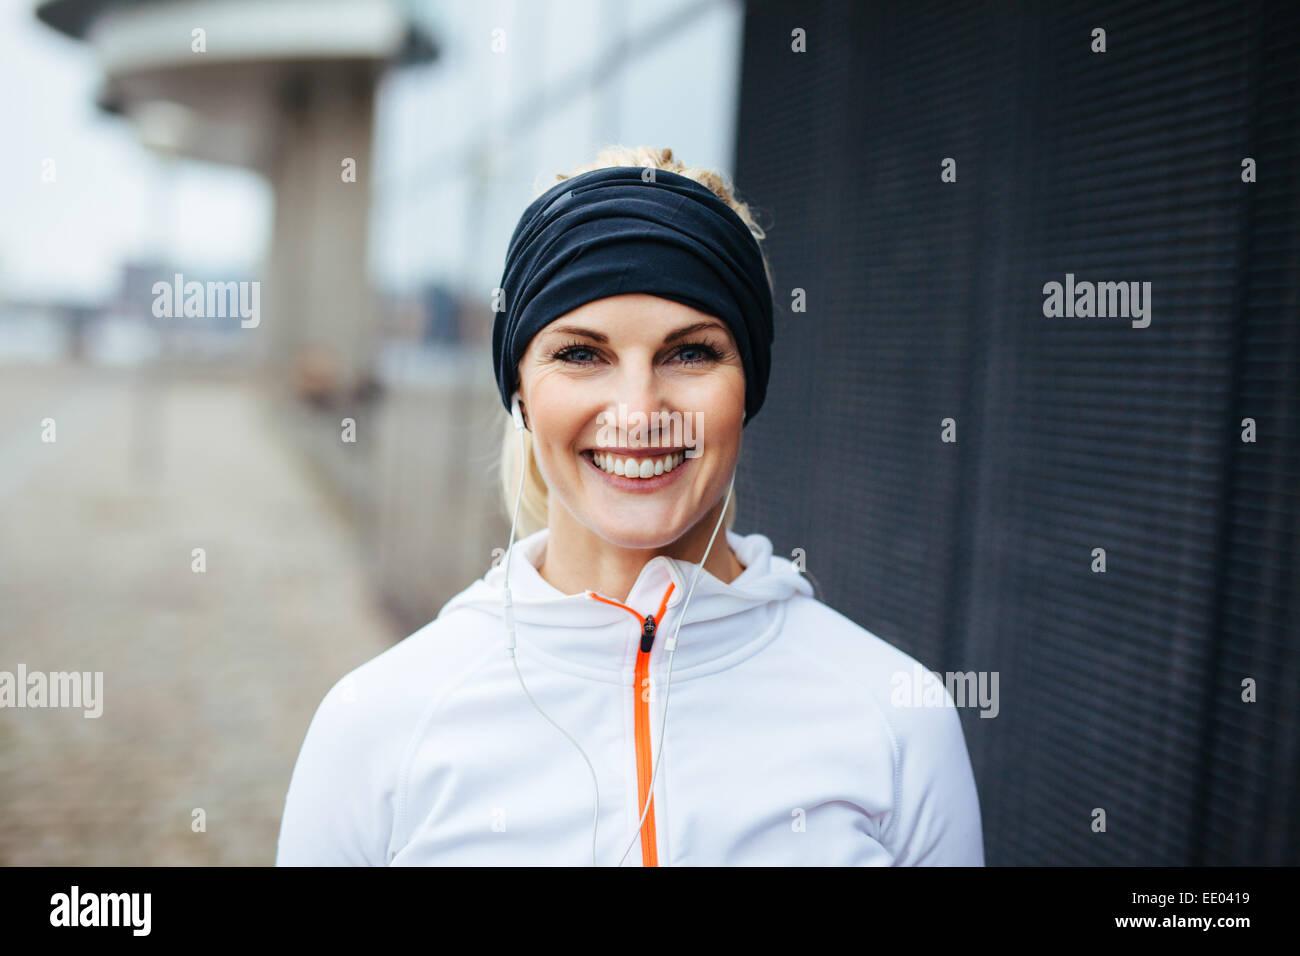 Ritratto di Allegro giovane donna fitness. Sorridente giovane atleta femminile in sports wear all'esterno. Immagini Stock